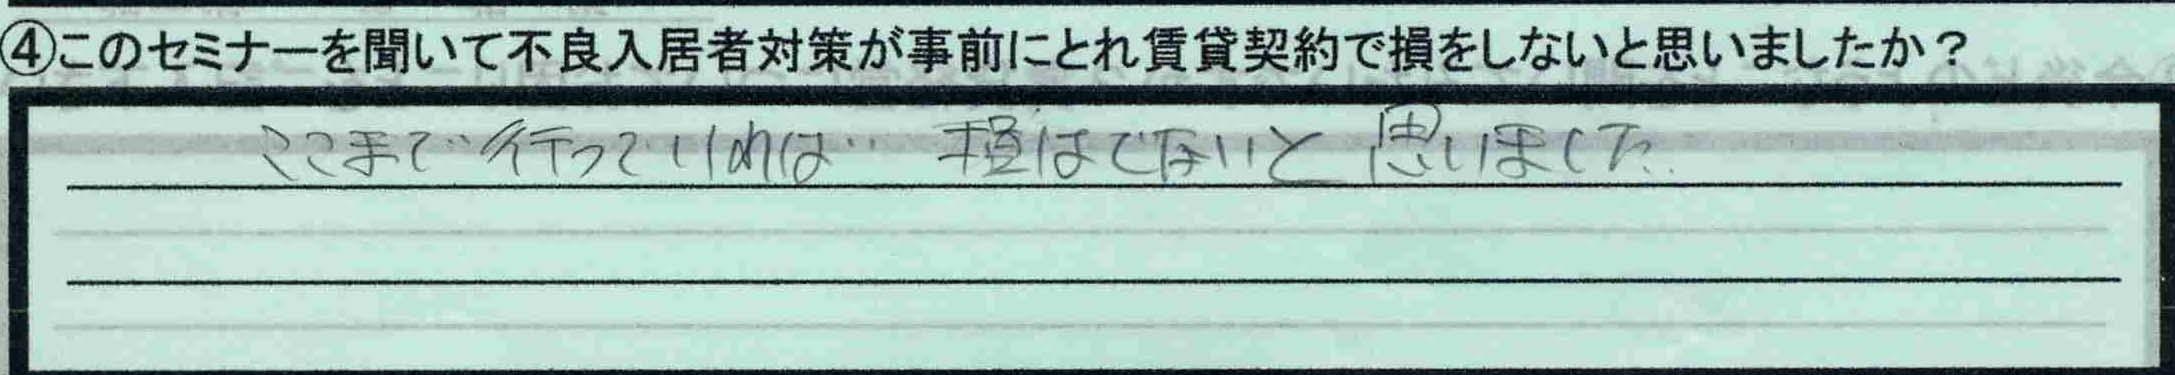 【東京都町田市】【塚田茂さん】【損をしないと思ったか?】